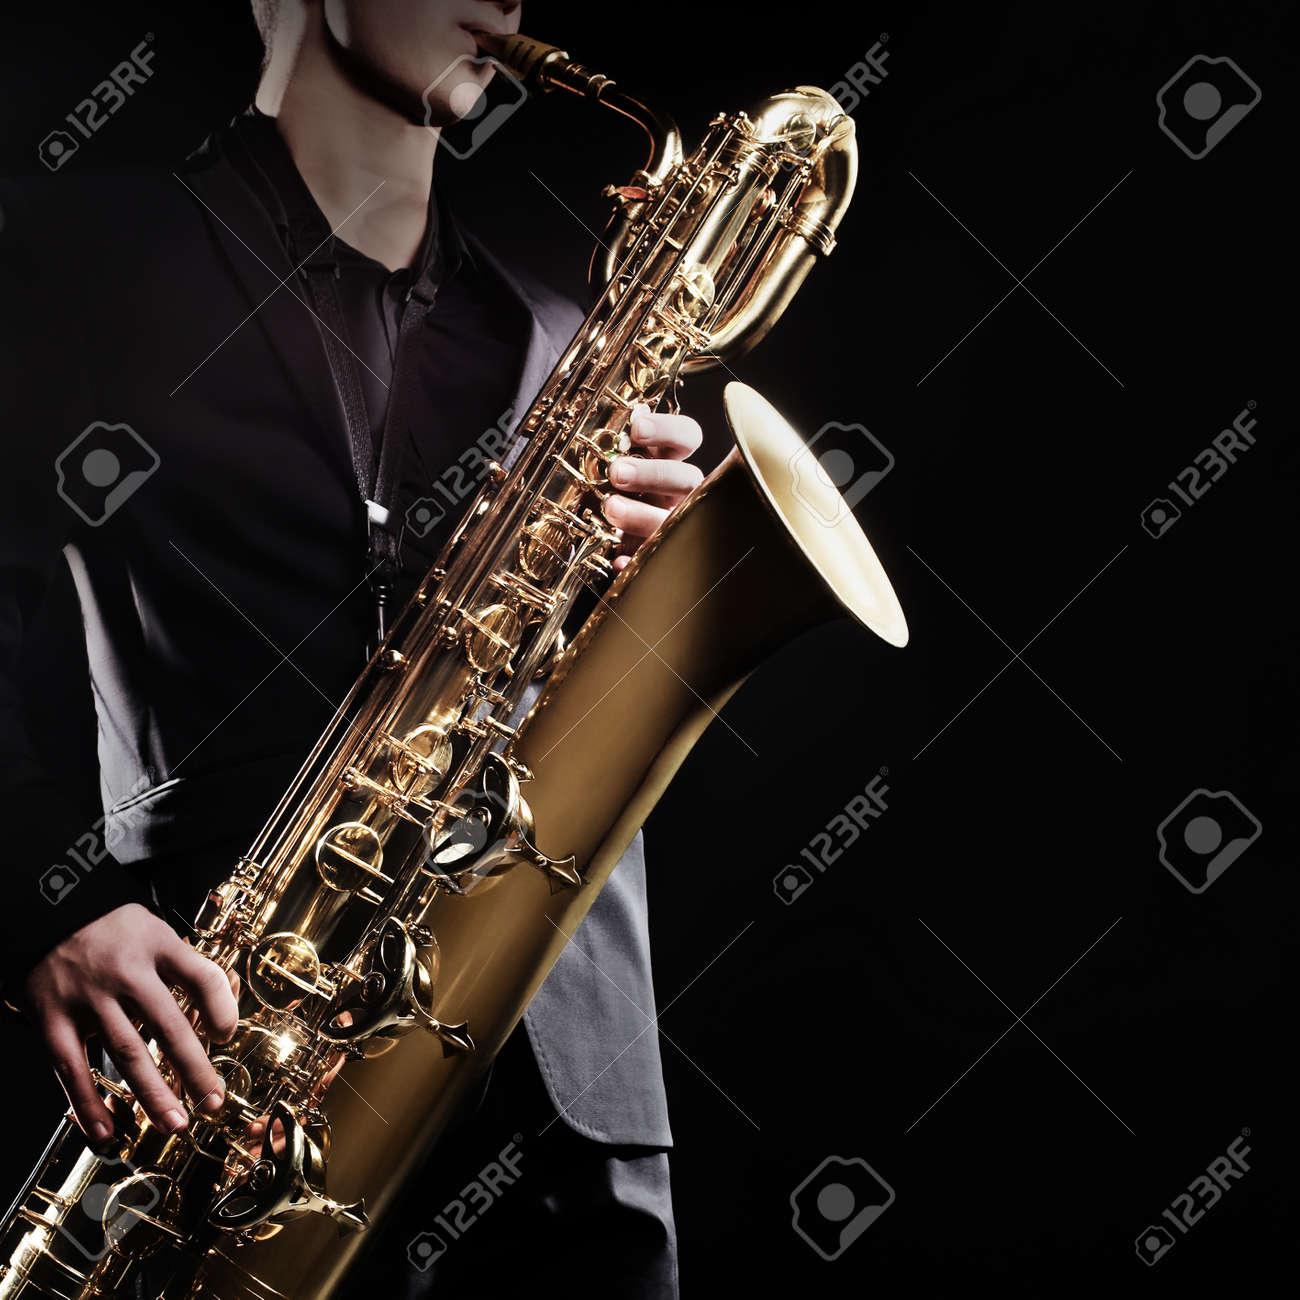 サックス ジャズ楽器とサックス バリトン サックス奏者 の写真素材画像